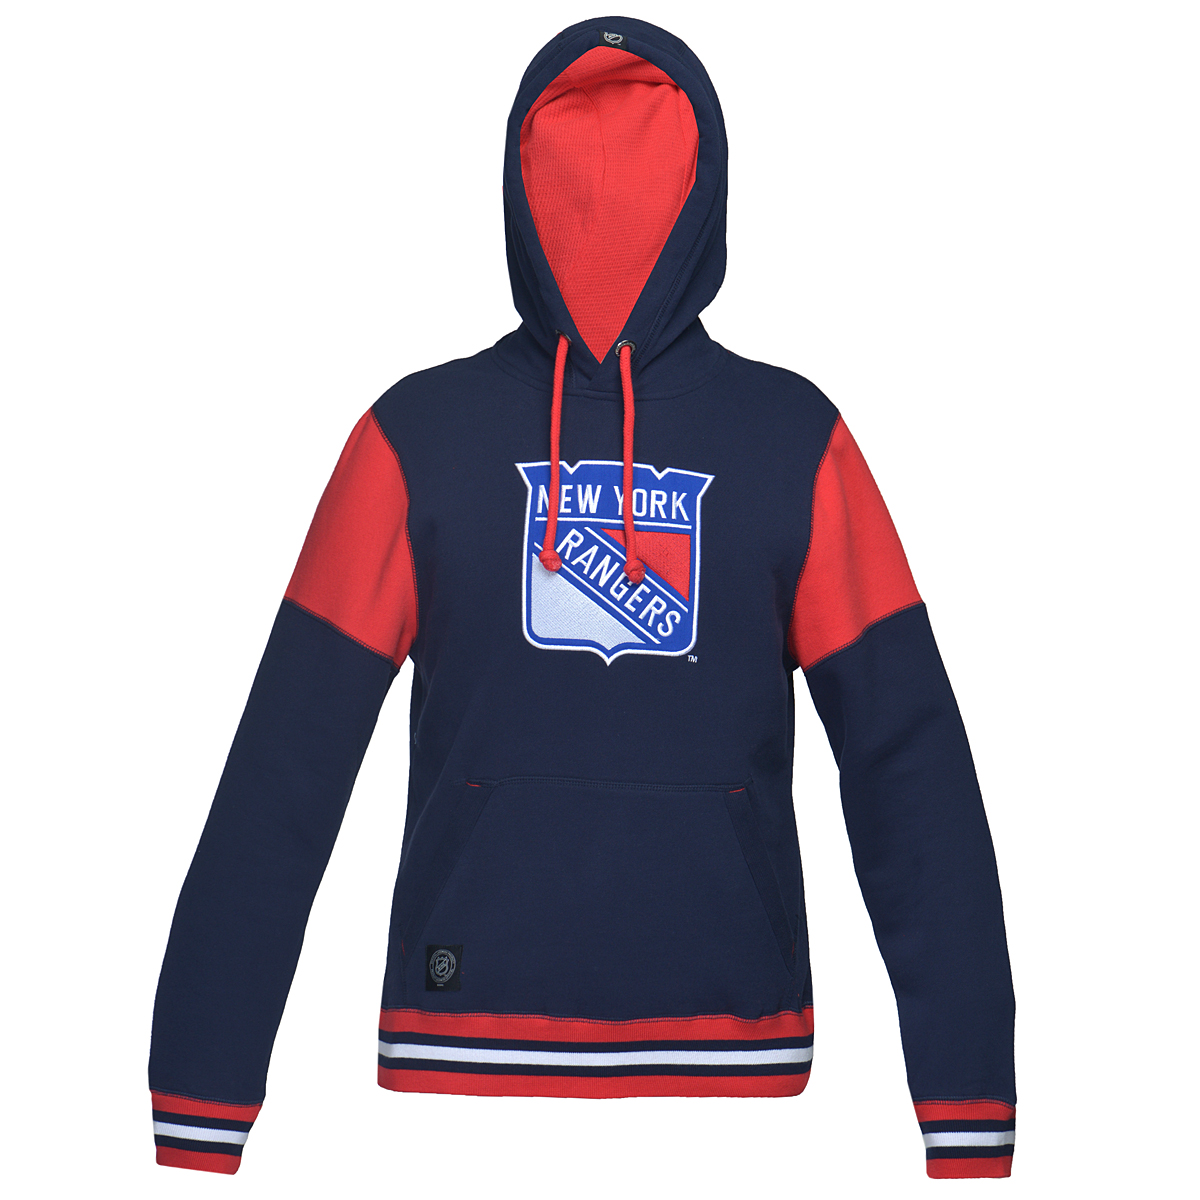 Толстовка мужская NHL New York Rangers, цвет: синий, красный. 35010. Размер XXL (54)35010Теплая толстовка NHL New York Rangers, изготовленная из высококачественного хлопкового материала, необычайно мягкая и приятная на ощупь, не сковывает движения, обеспечивая наибольший комфорт. Толстовка с капюшоном на кулиске спереди имеет вместительный карман кенгуру. На груди оформлена вышивкой в виде эмблемы хоккейного клуба New York Rangers. Толстовка имеет широкую мягкую резинку по низу, что предотвращает проникновение холодного воздуха, и длинные рукава с широкими эластичными манжетами, не стягивающими запястья. Эта модная и в тоже время комфортная толстовка отличный вариант как для активного отдыха, так и для занятий спортом!